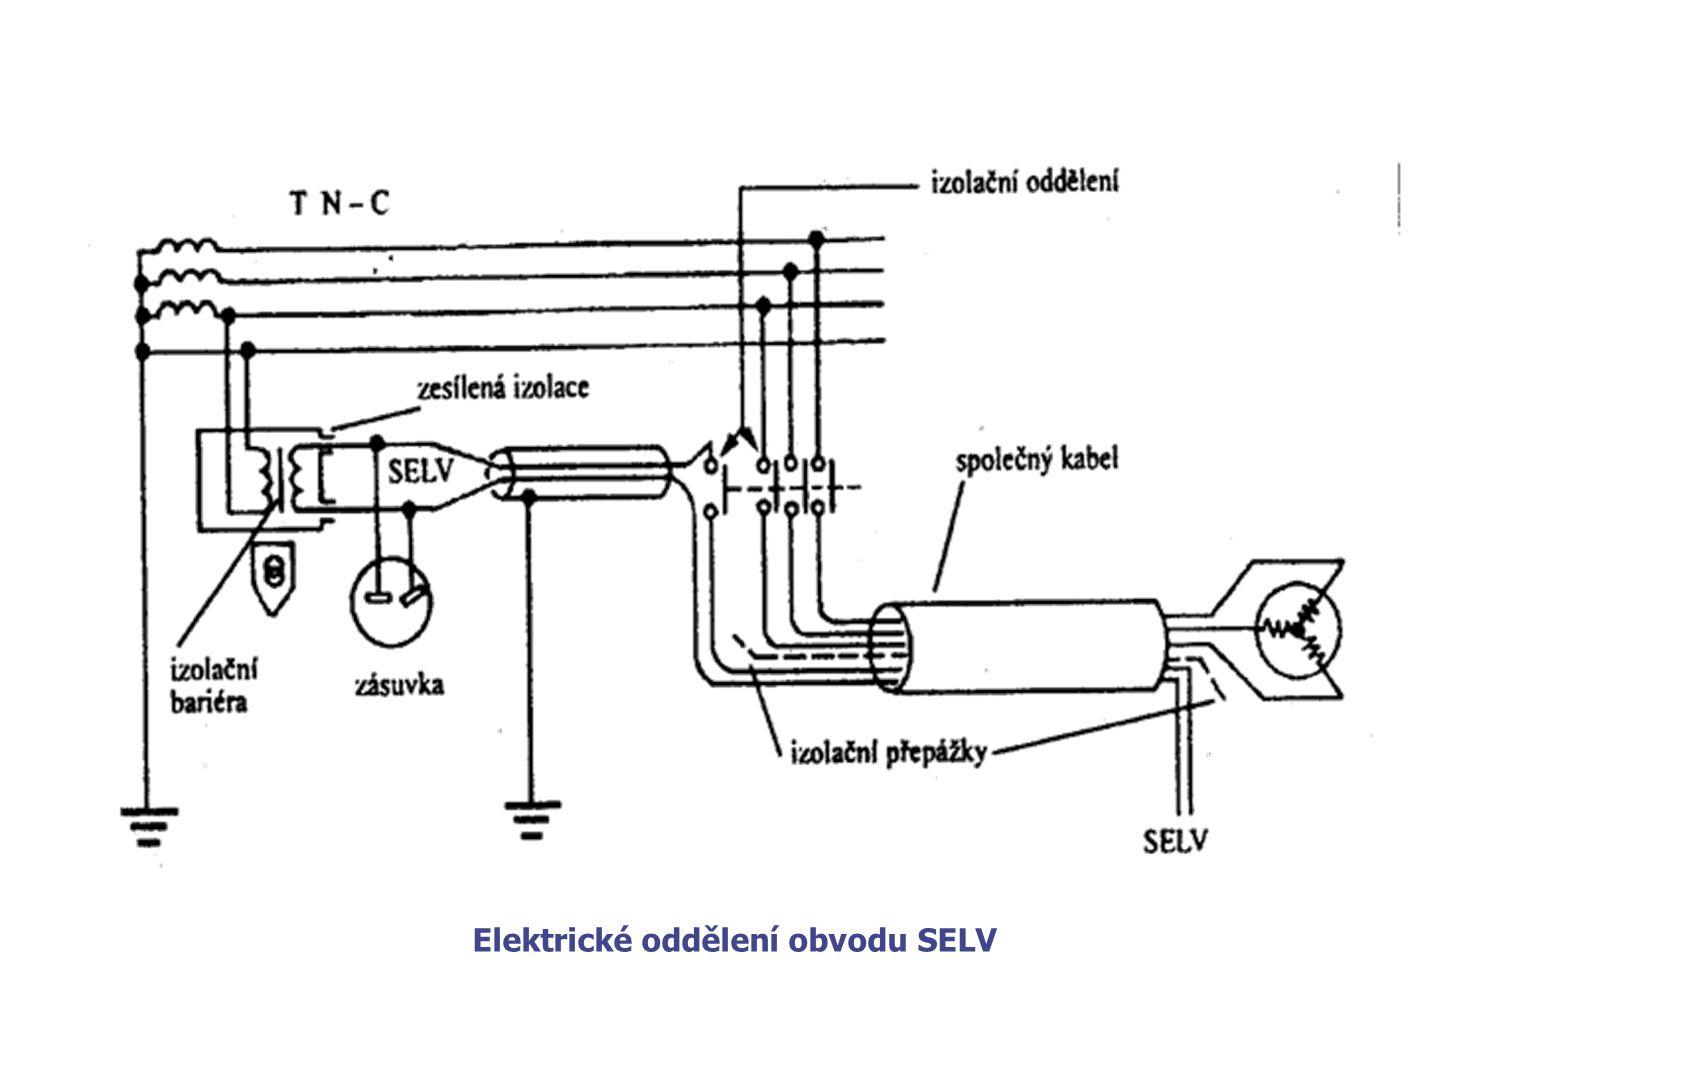 Elektrické oddělení obvodu SELV